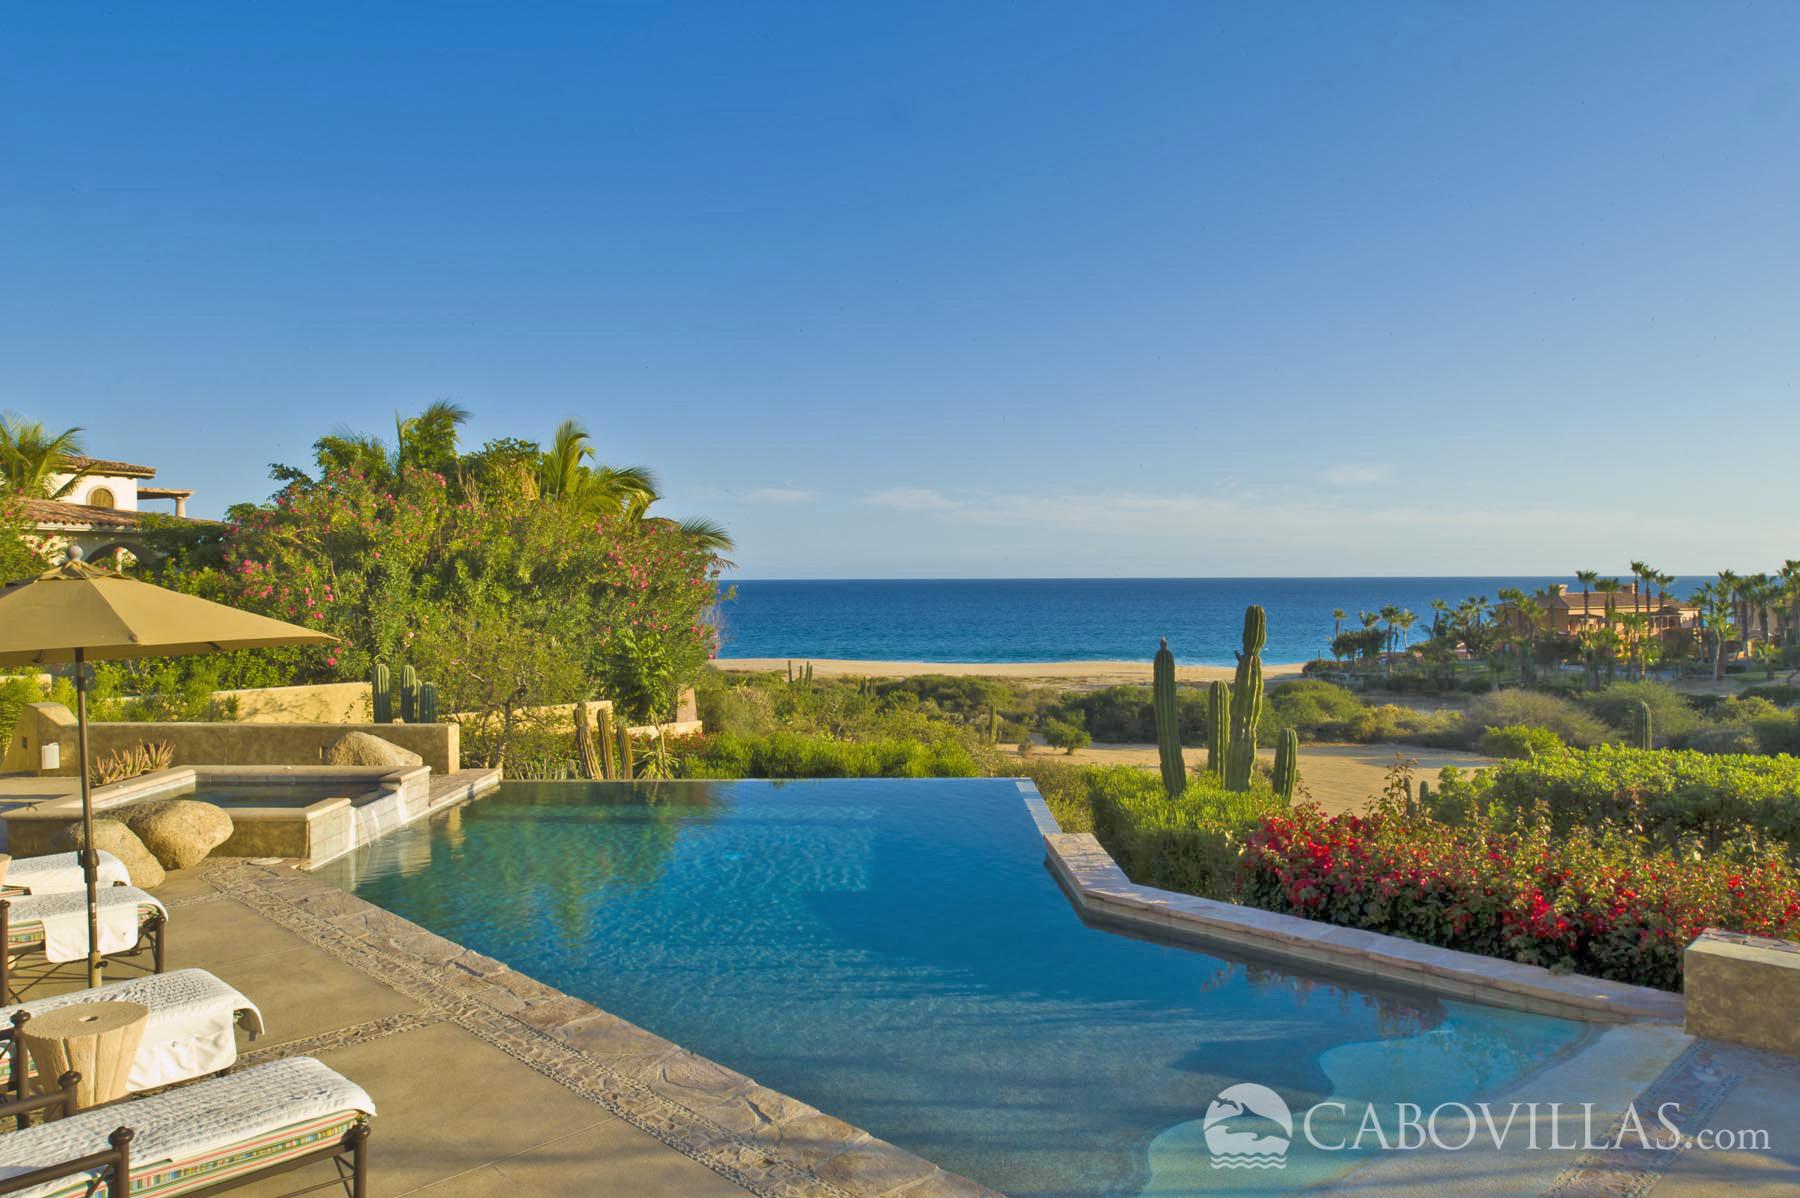 Villa Miguel Vacation Rental Los Cabos Mexico